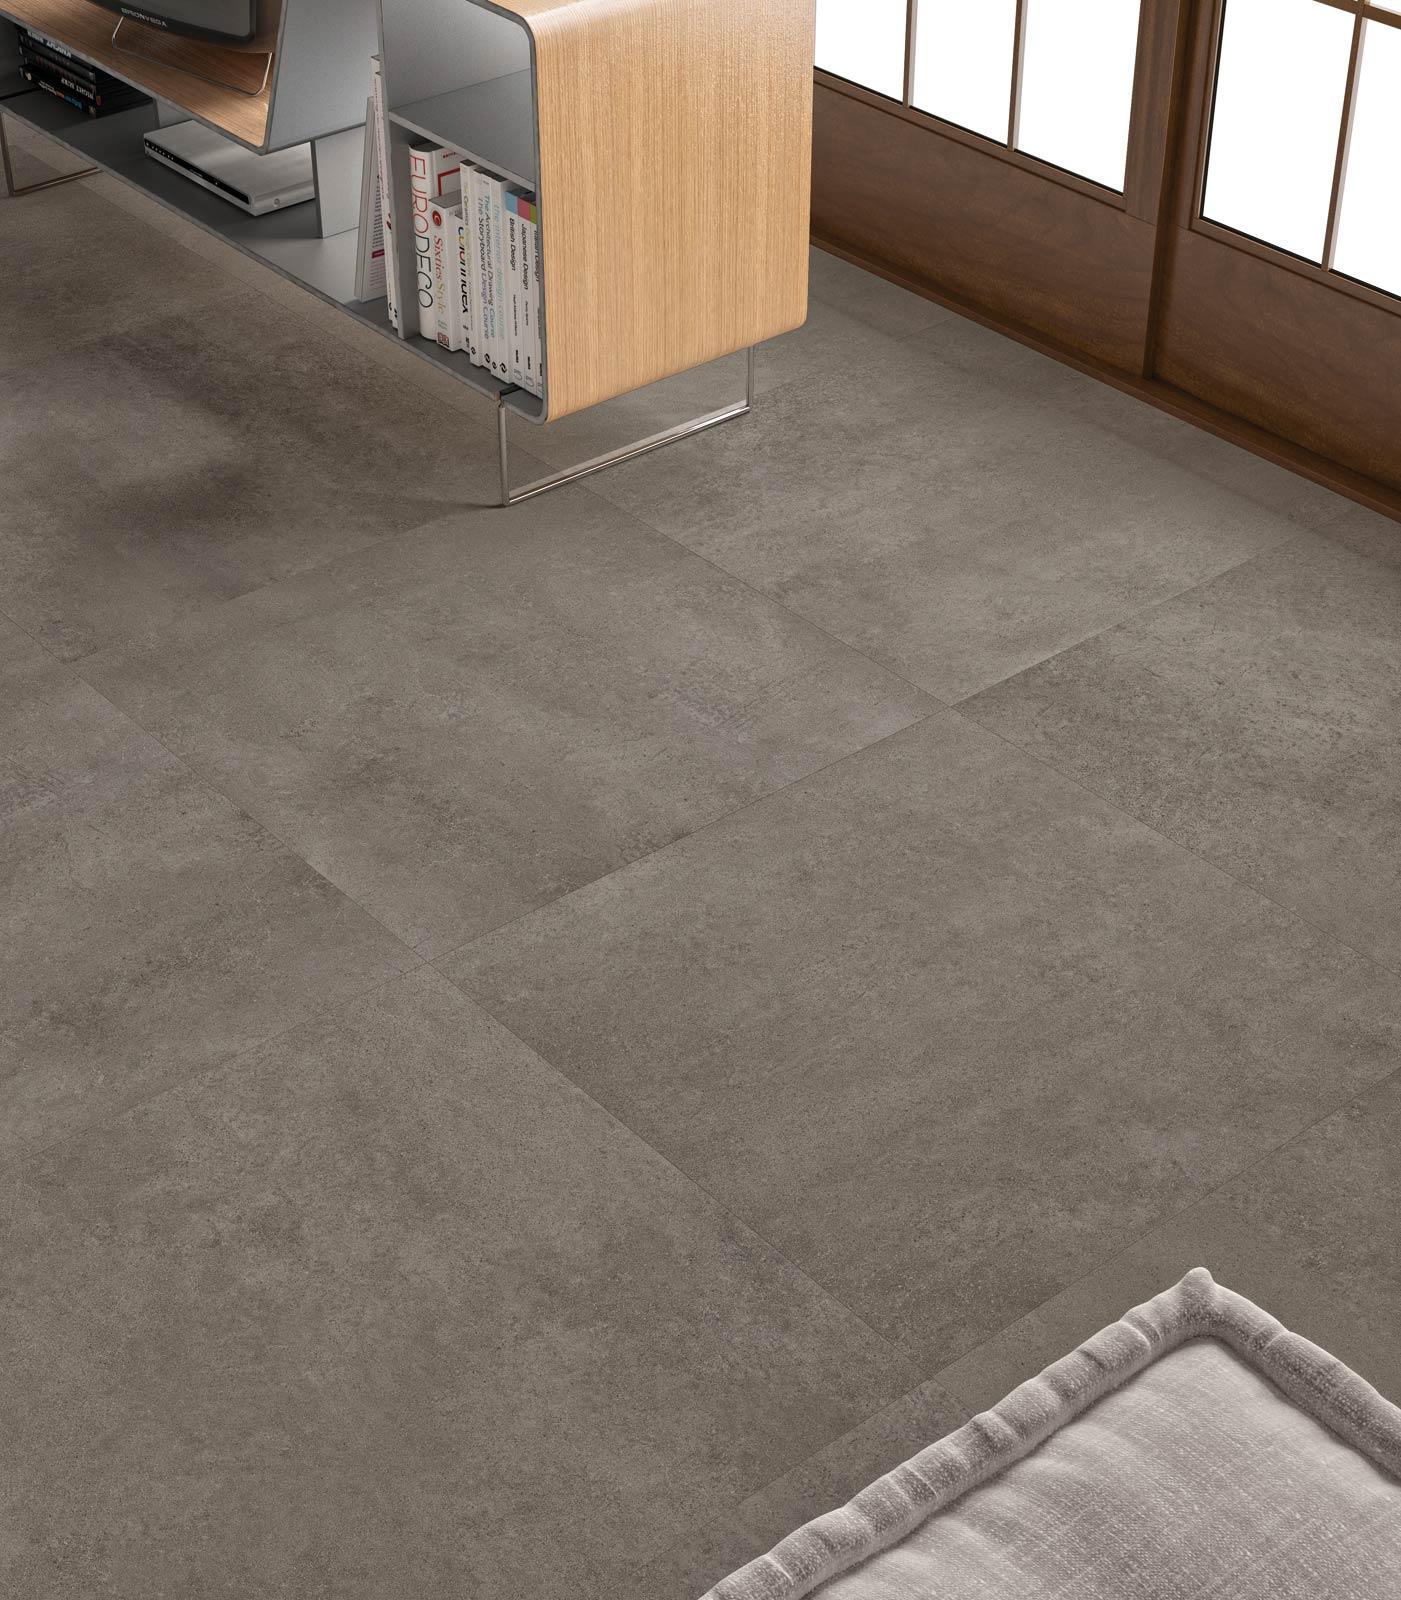 Denver gres porcellanato effetto cemento marazzi for Suelo porcelanico 60x60